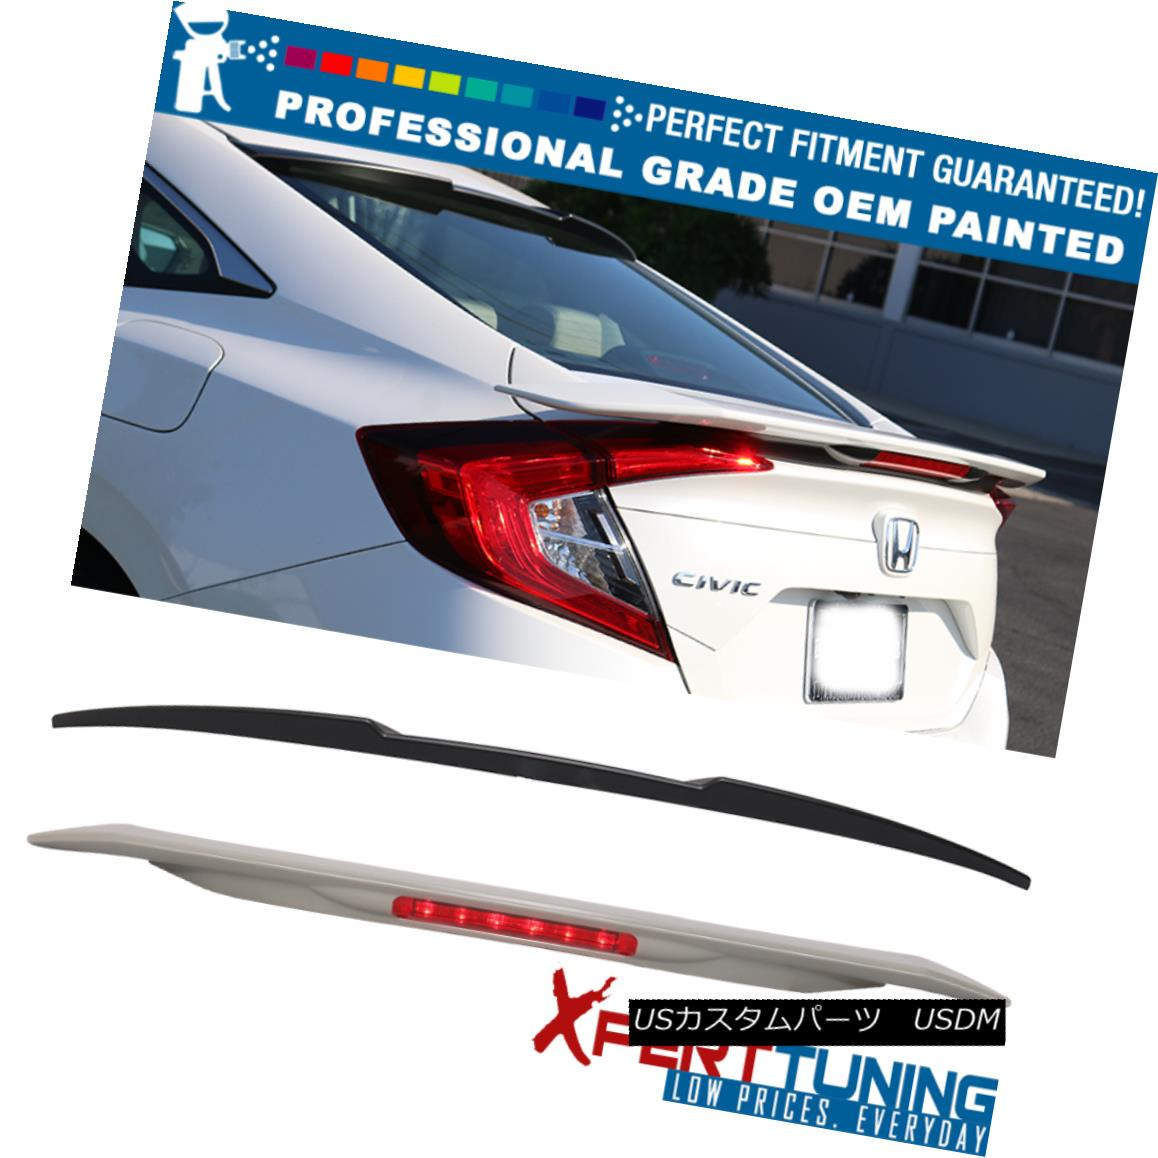 エアロパーツ 16-18 Civic Sedan FC1 Painted JDM SI Roof & RS Trunk Spoiler - OEM Painted Color 16-18シビックセダンFC1塗装JDM SIルーフ& RSトランク・スポイラー - OEM塗装色